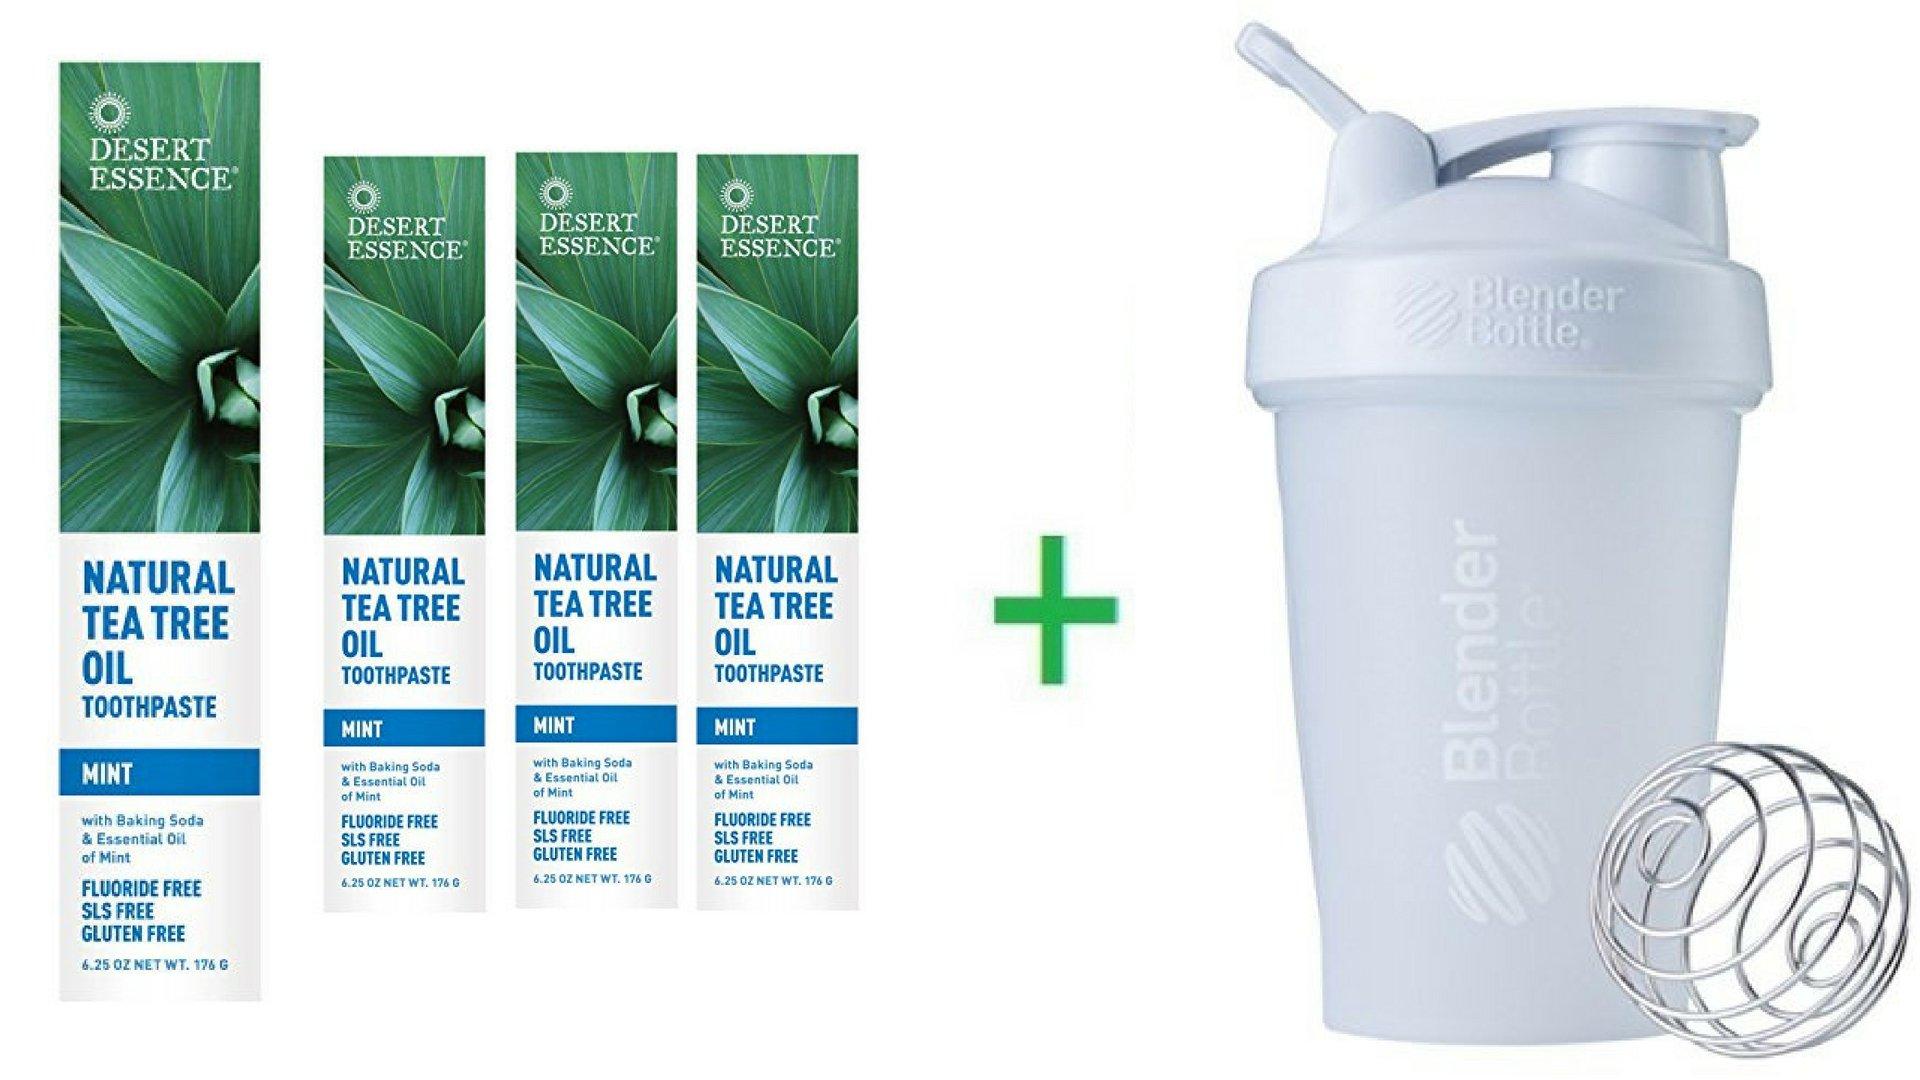 Desert Essence, Natural Tea Tree Oil Toothpaste, Mint, 6.25 oz (176 g) (4 Packs) + Sundesa, BlenderBottle, Classic With Loop, White, 20 oz